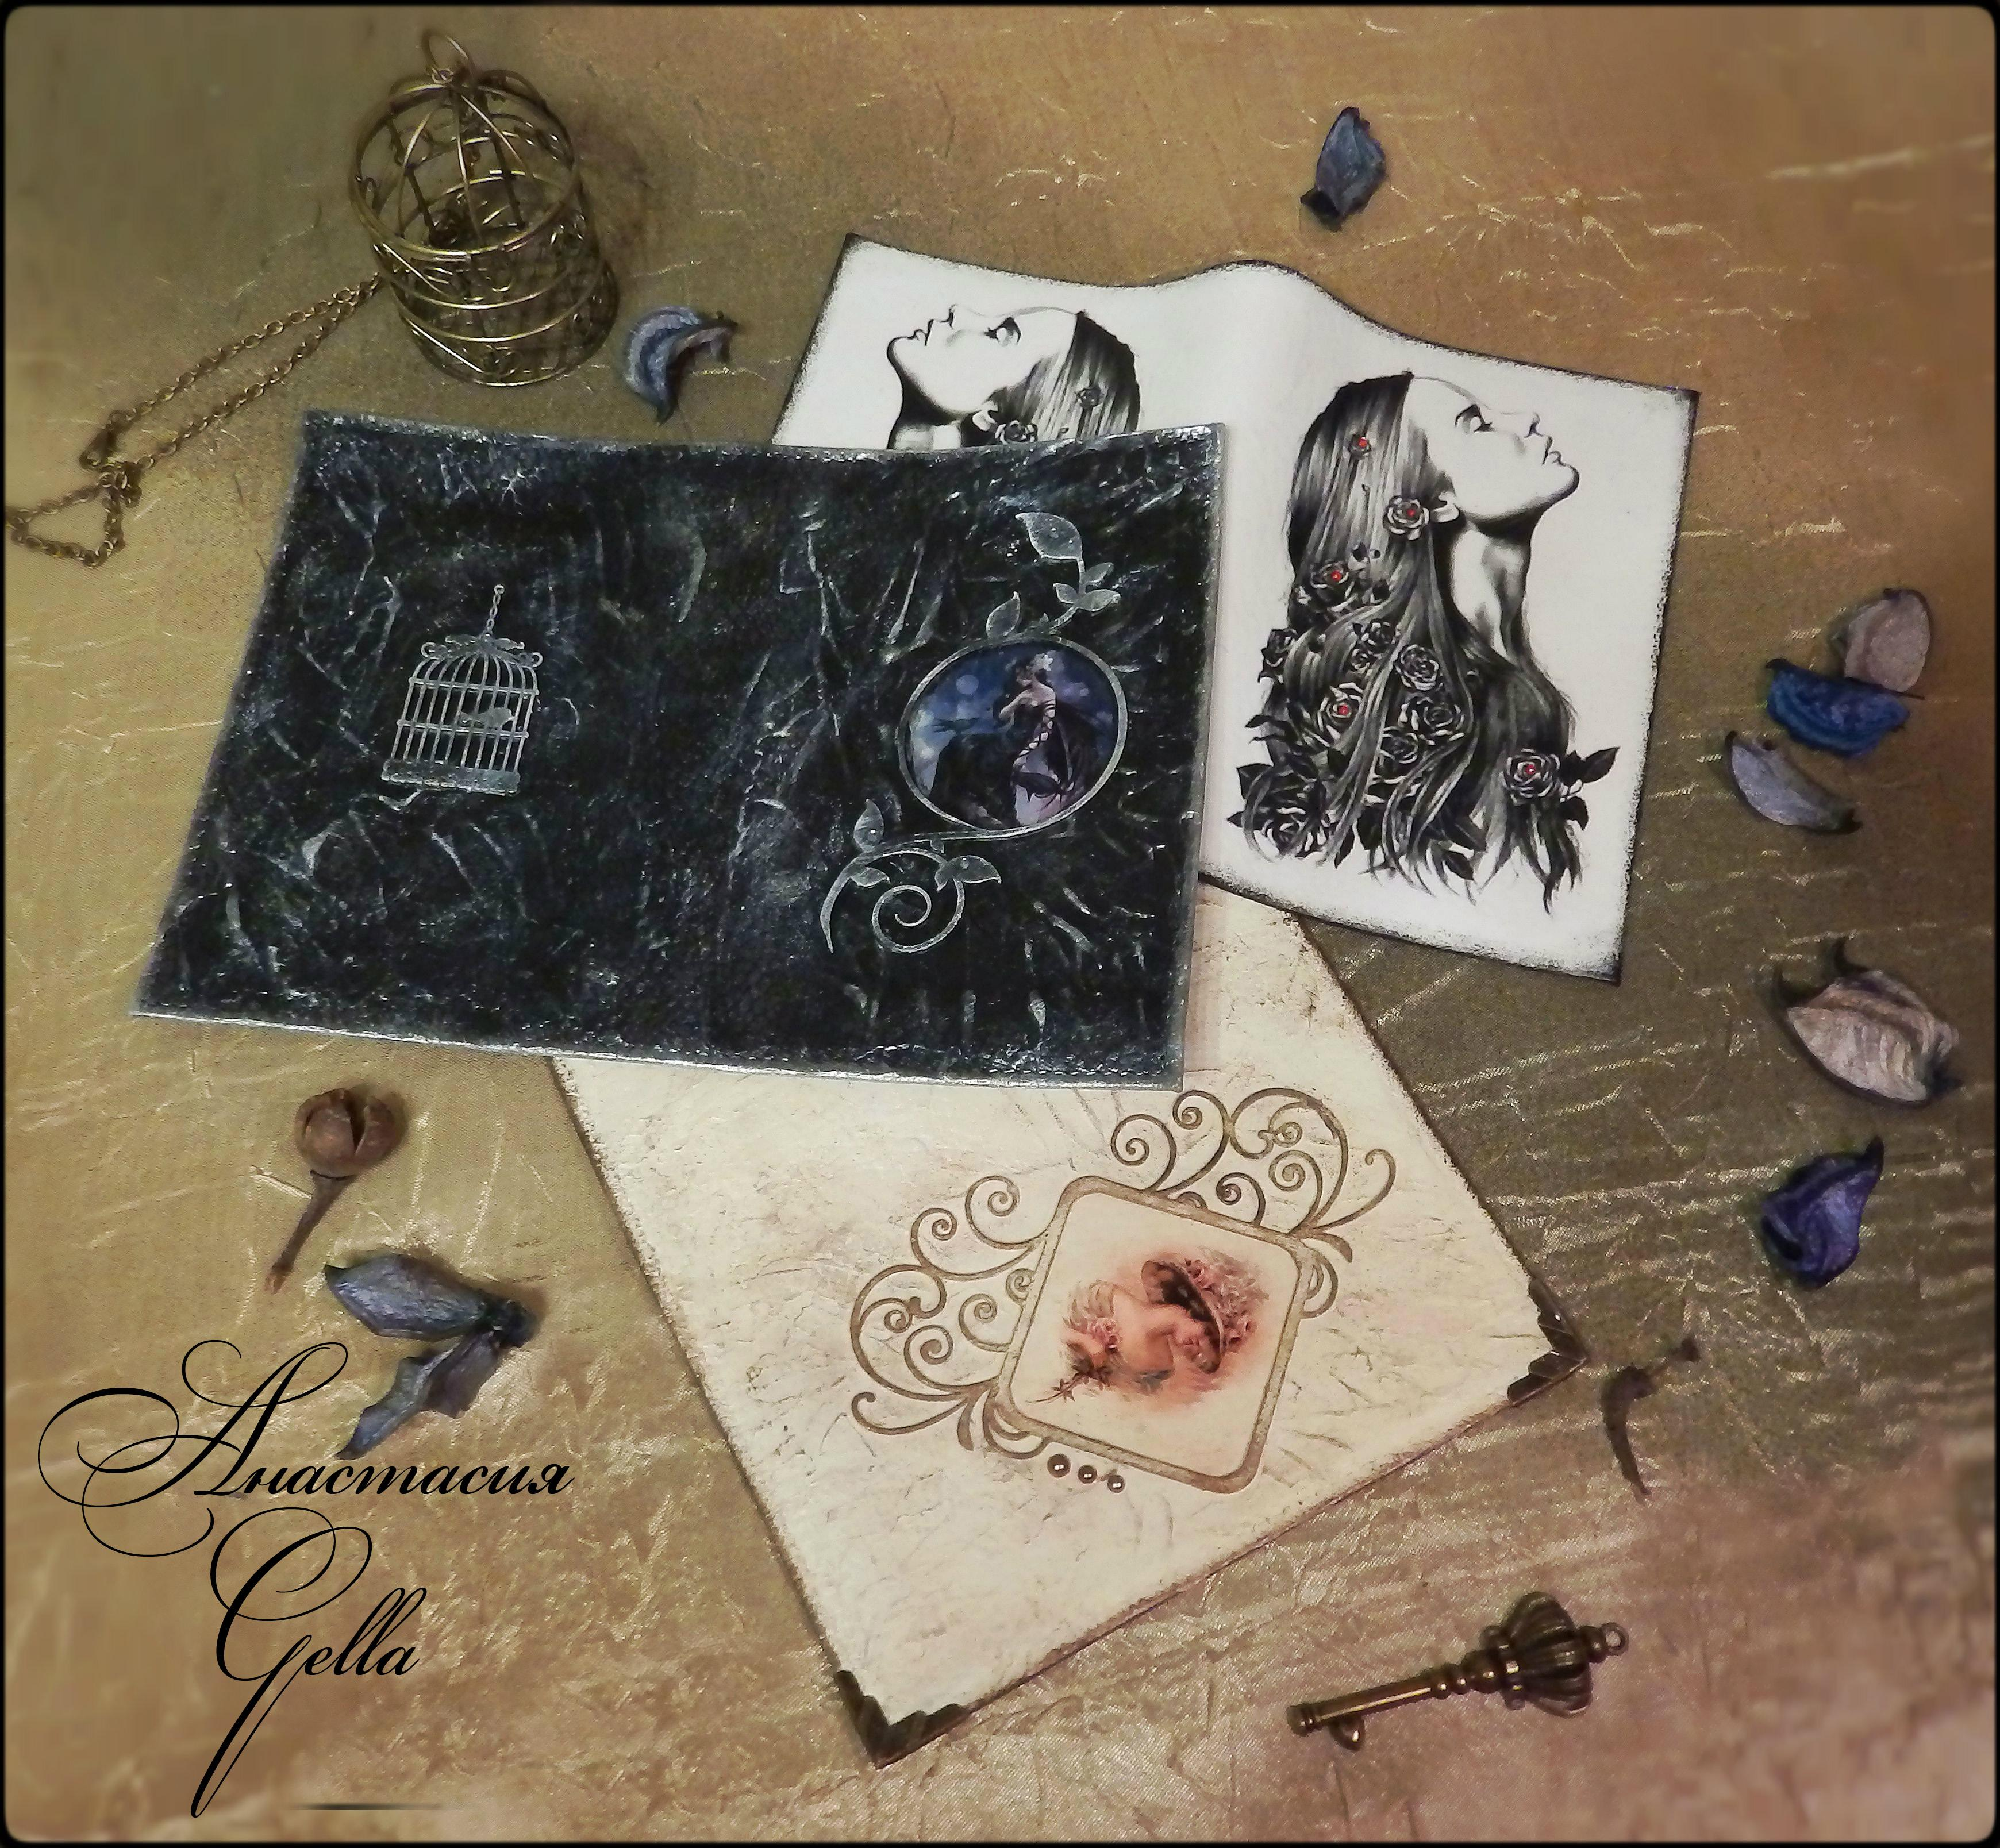 Декор предметов 23 февраля 8 марта день рождения декупаж обложки на паспорт декупаж бумага краска салфетки